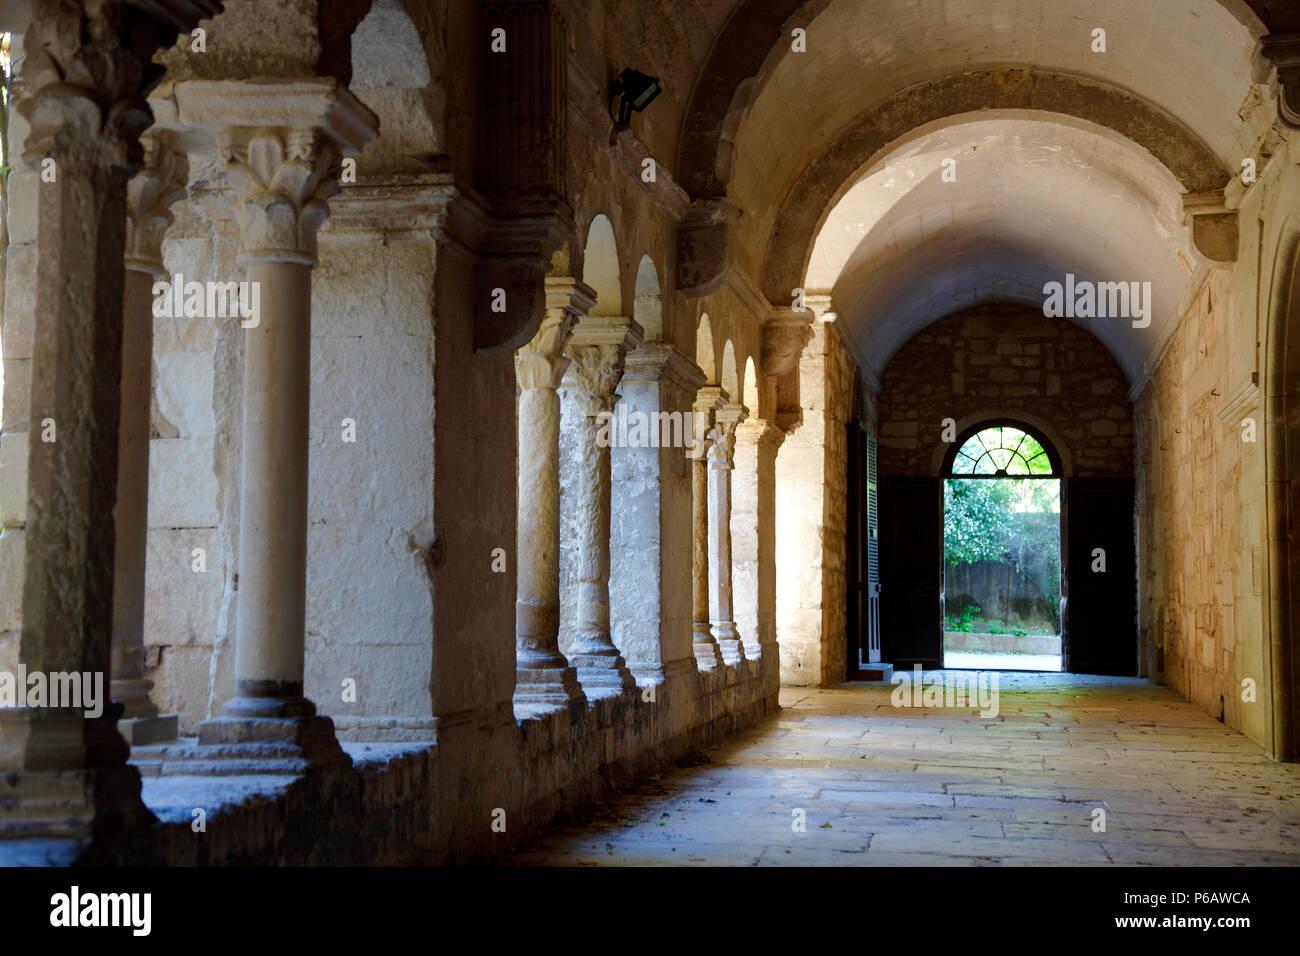 Francia, Provence Alpes Côte d'Azur, en el departamento de Bouches du Rhone, Alpilles, Saint Remy de Provence, Saint Paul de Mausole monasterio, el claustro Foto de stock